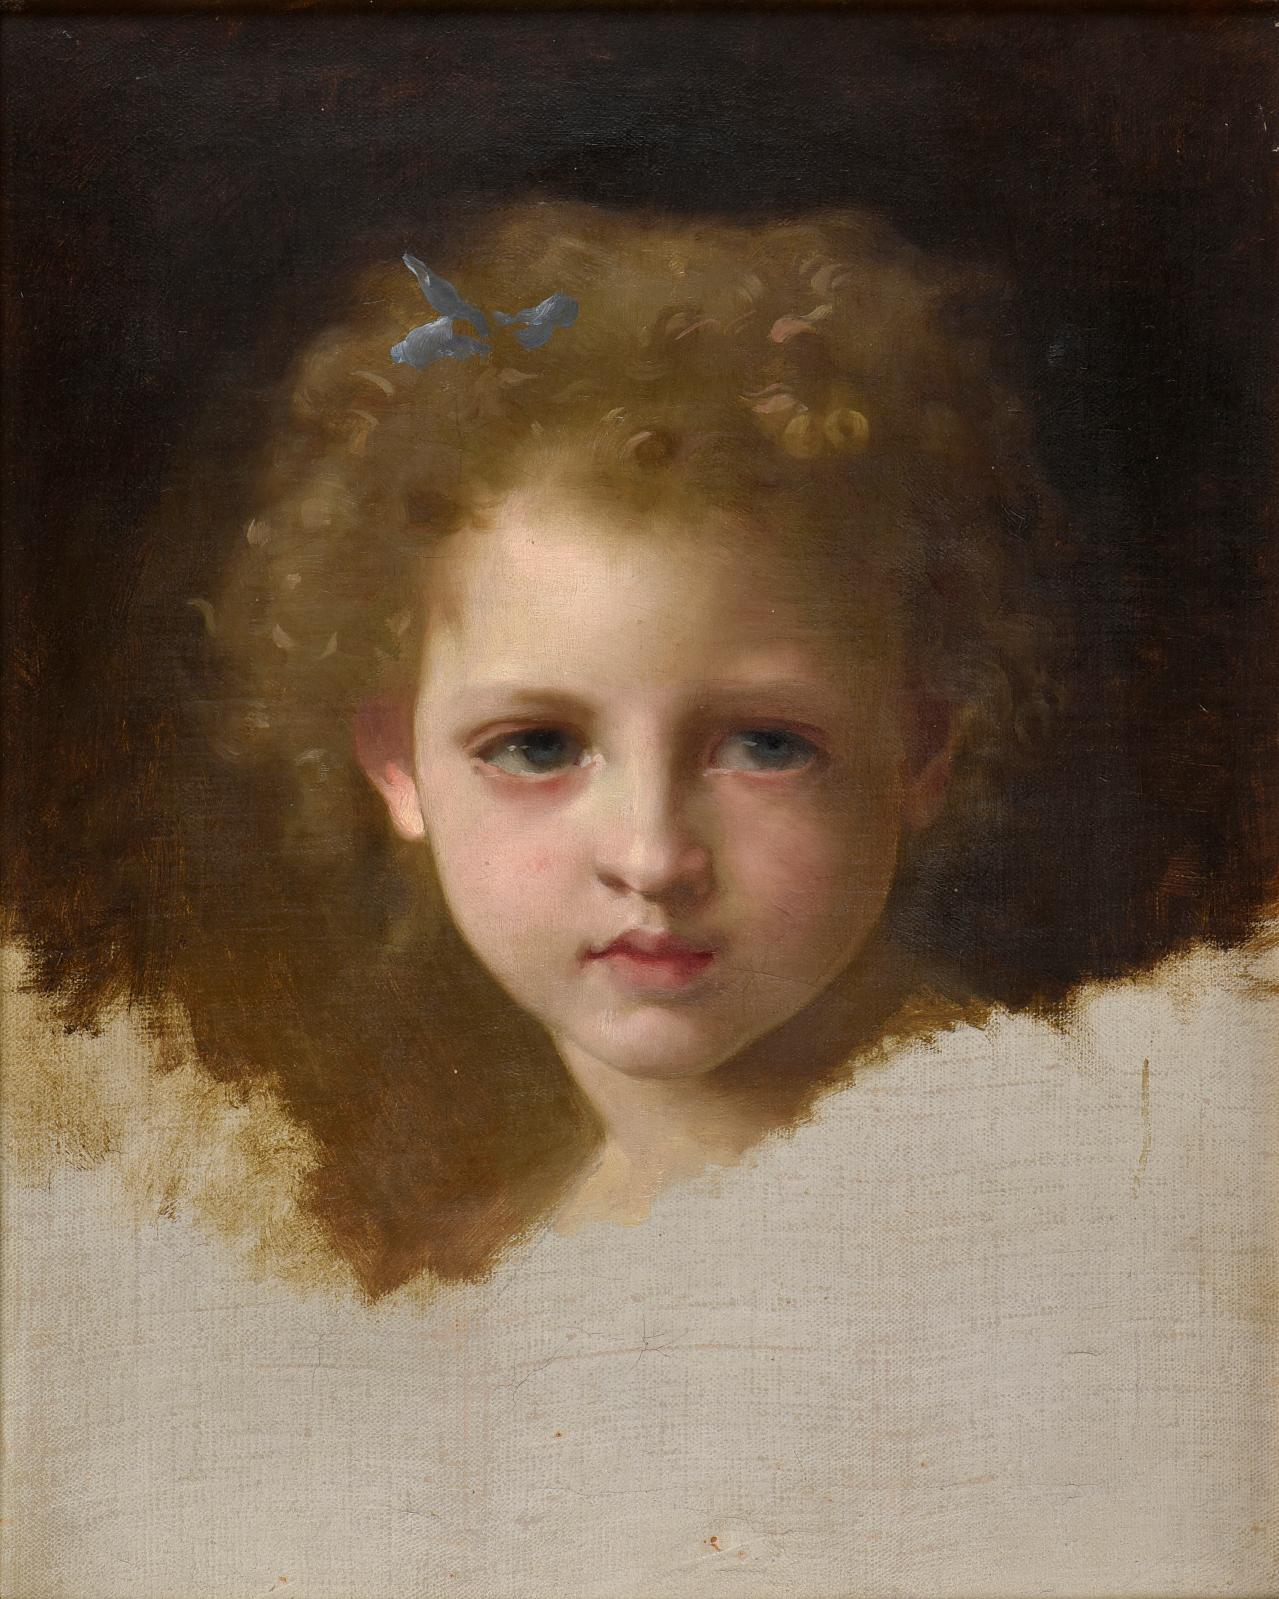 Portrait de fillette au ruban bleu,huile sur toile, 41x33cm. Estimation: 10000/15000€